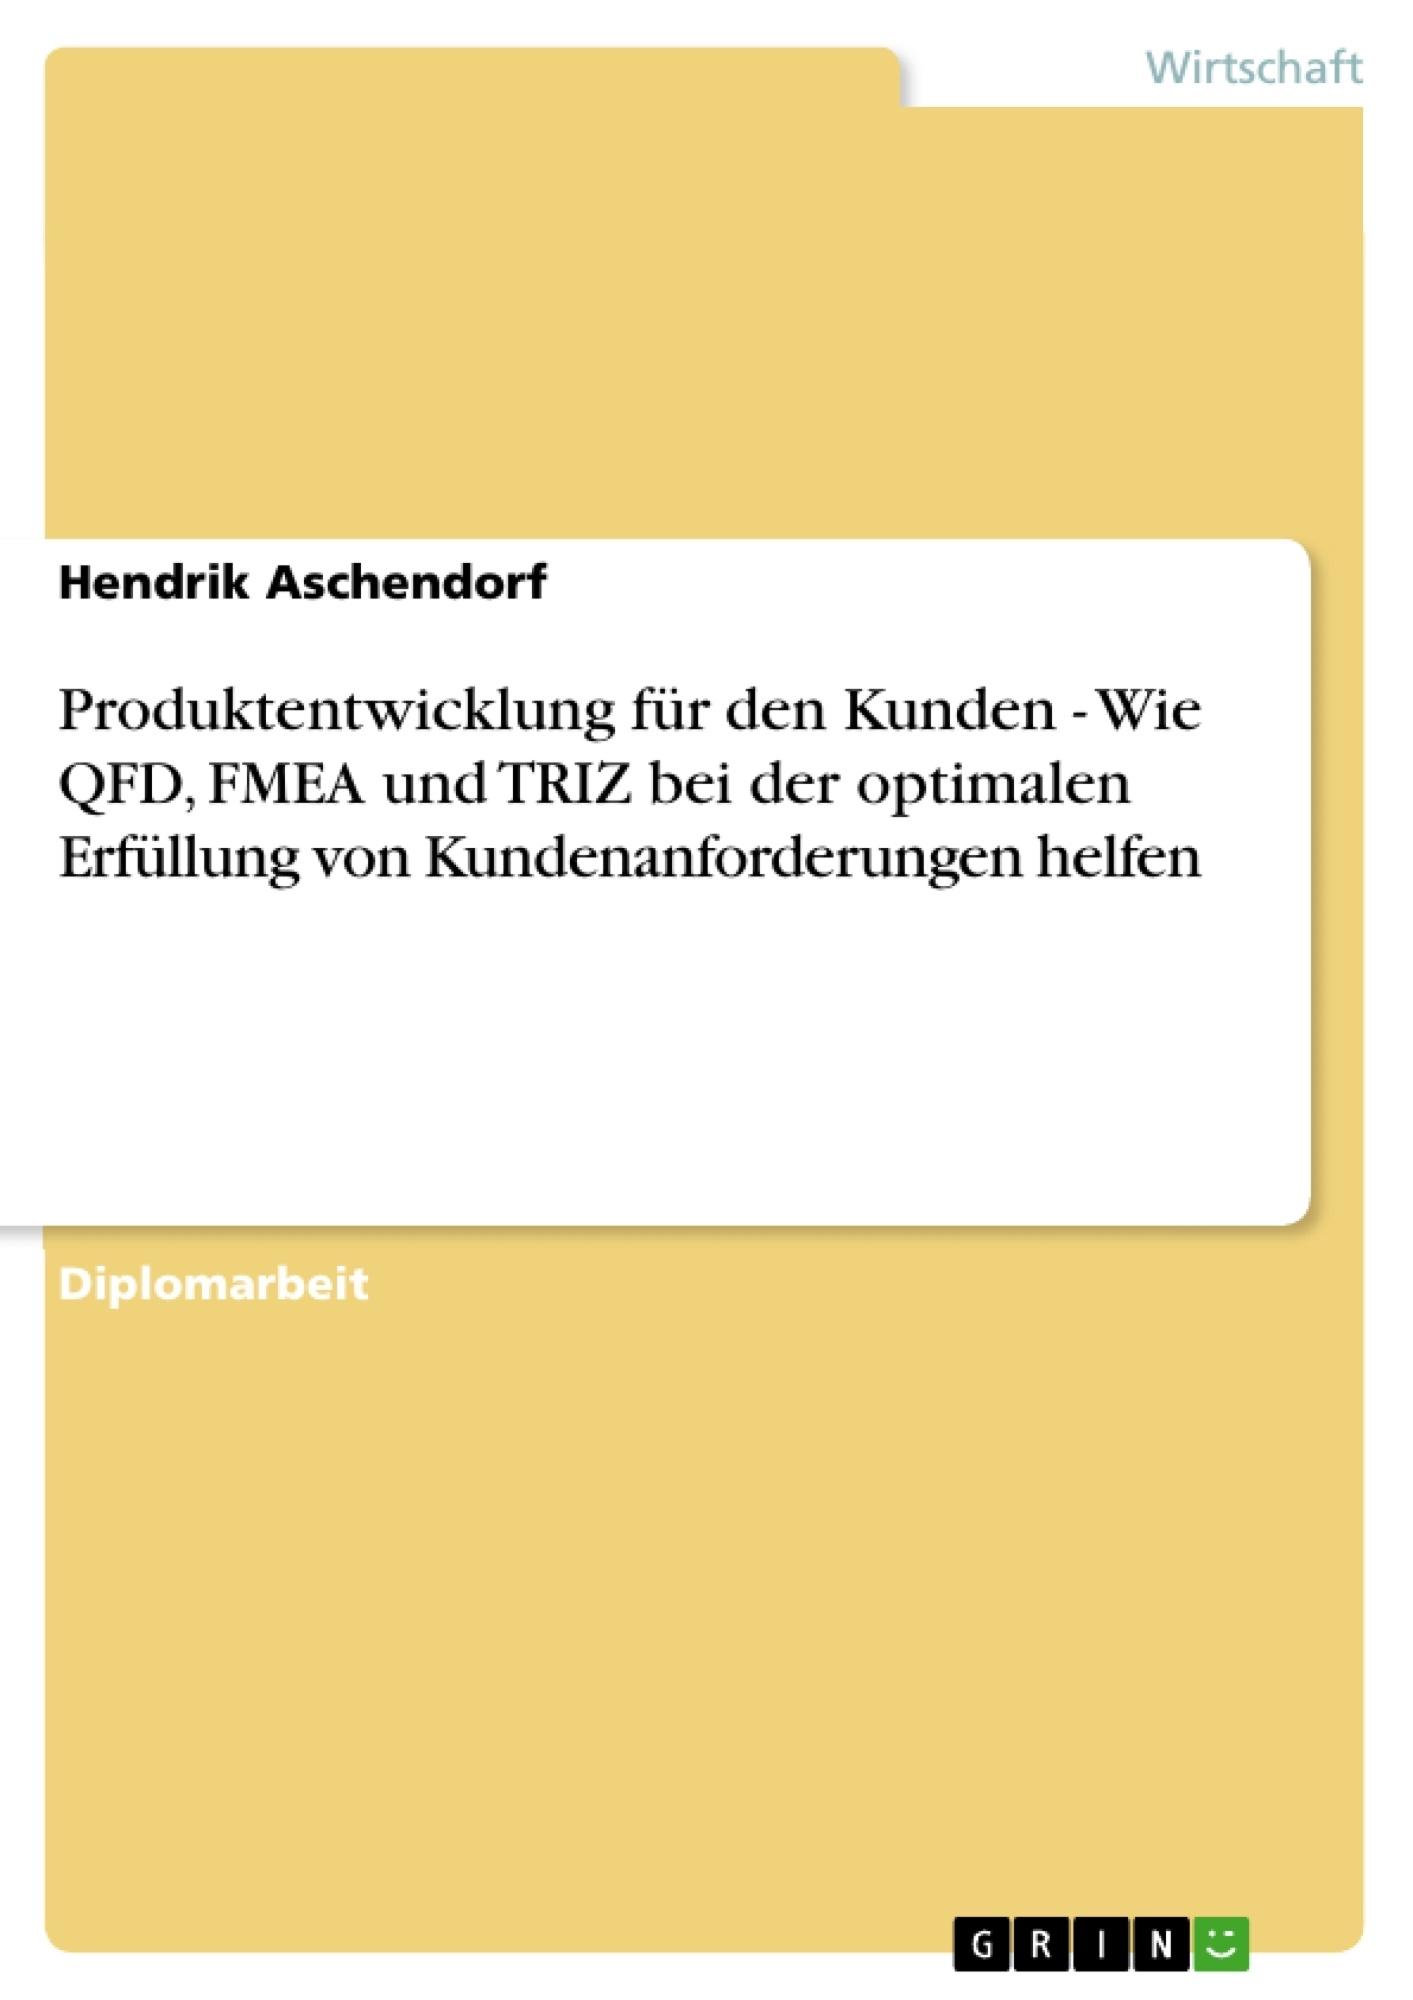 Titel: Produktentwicklung für den Kunden - Wie QFD, FMEA und TRIZ bei der optimalen Erfüllung von Kundenanforderungen helfen